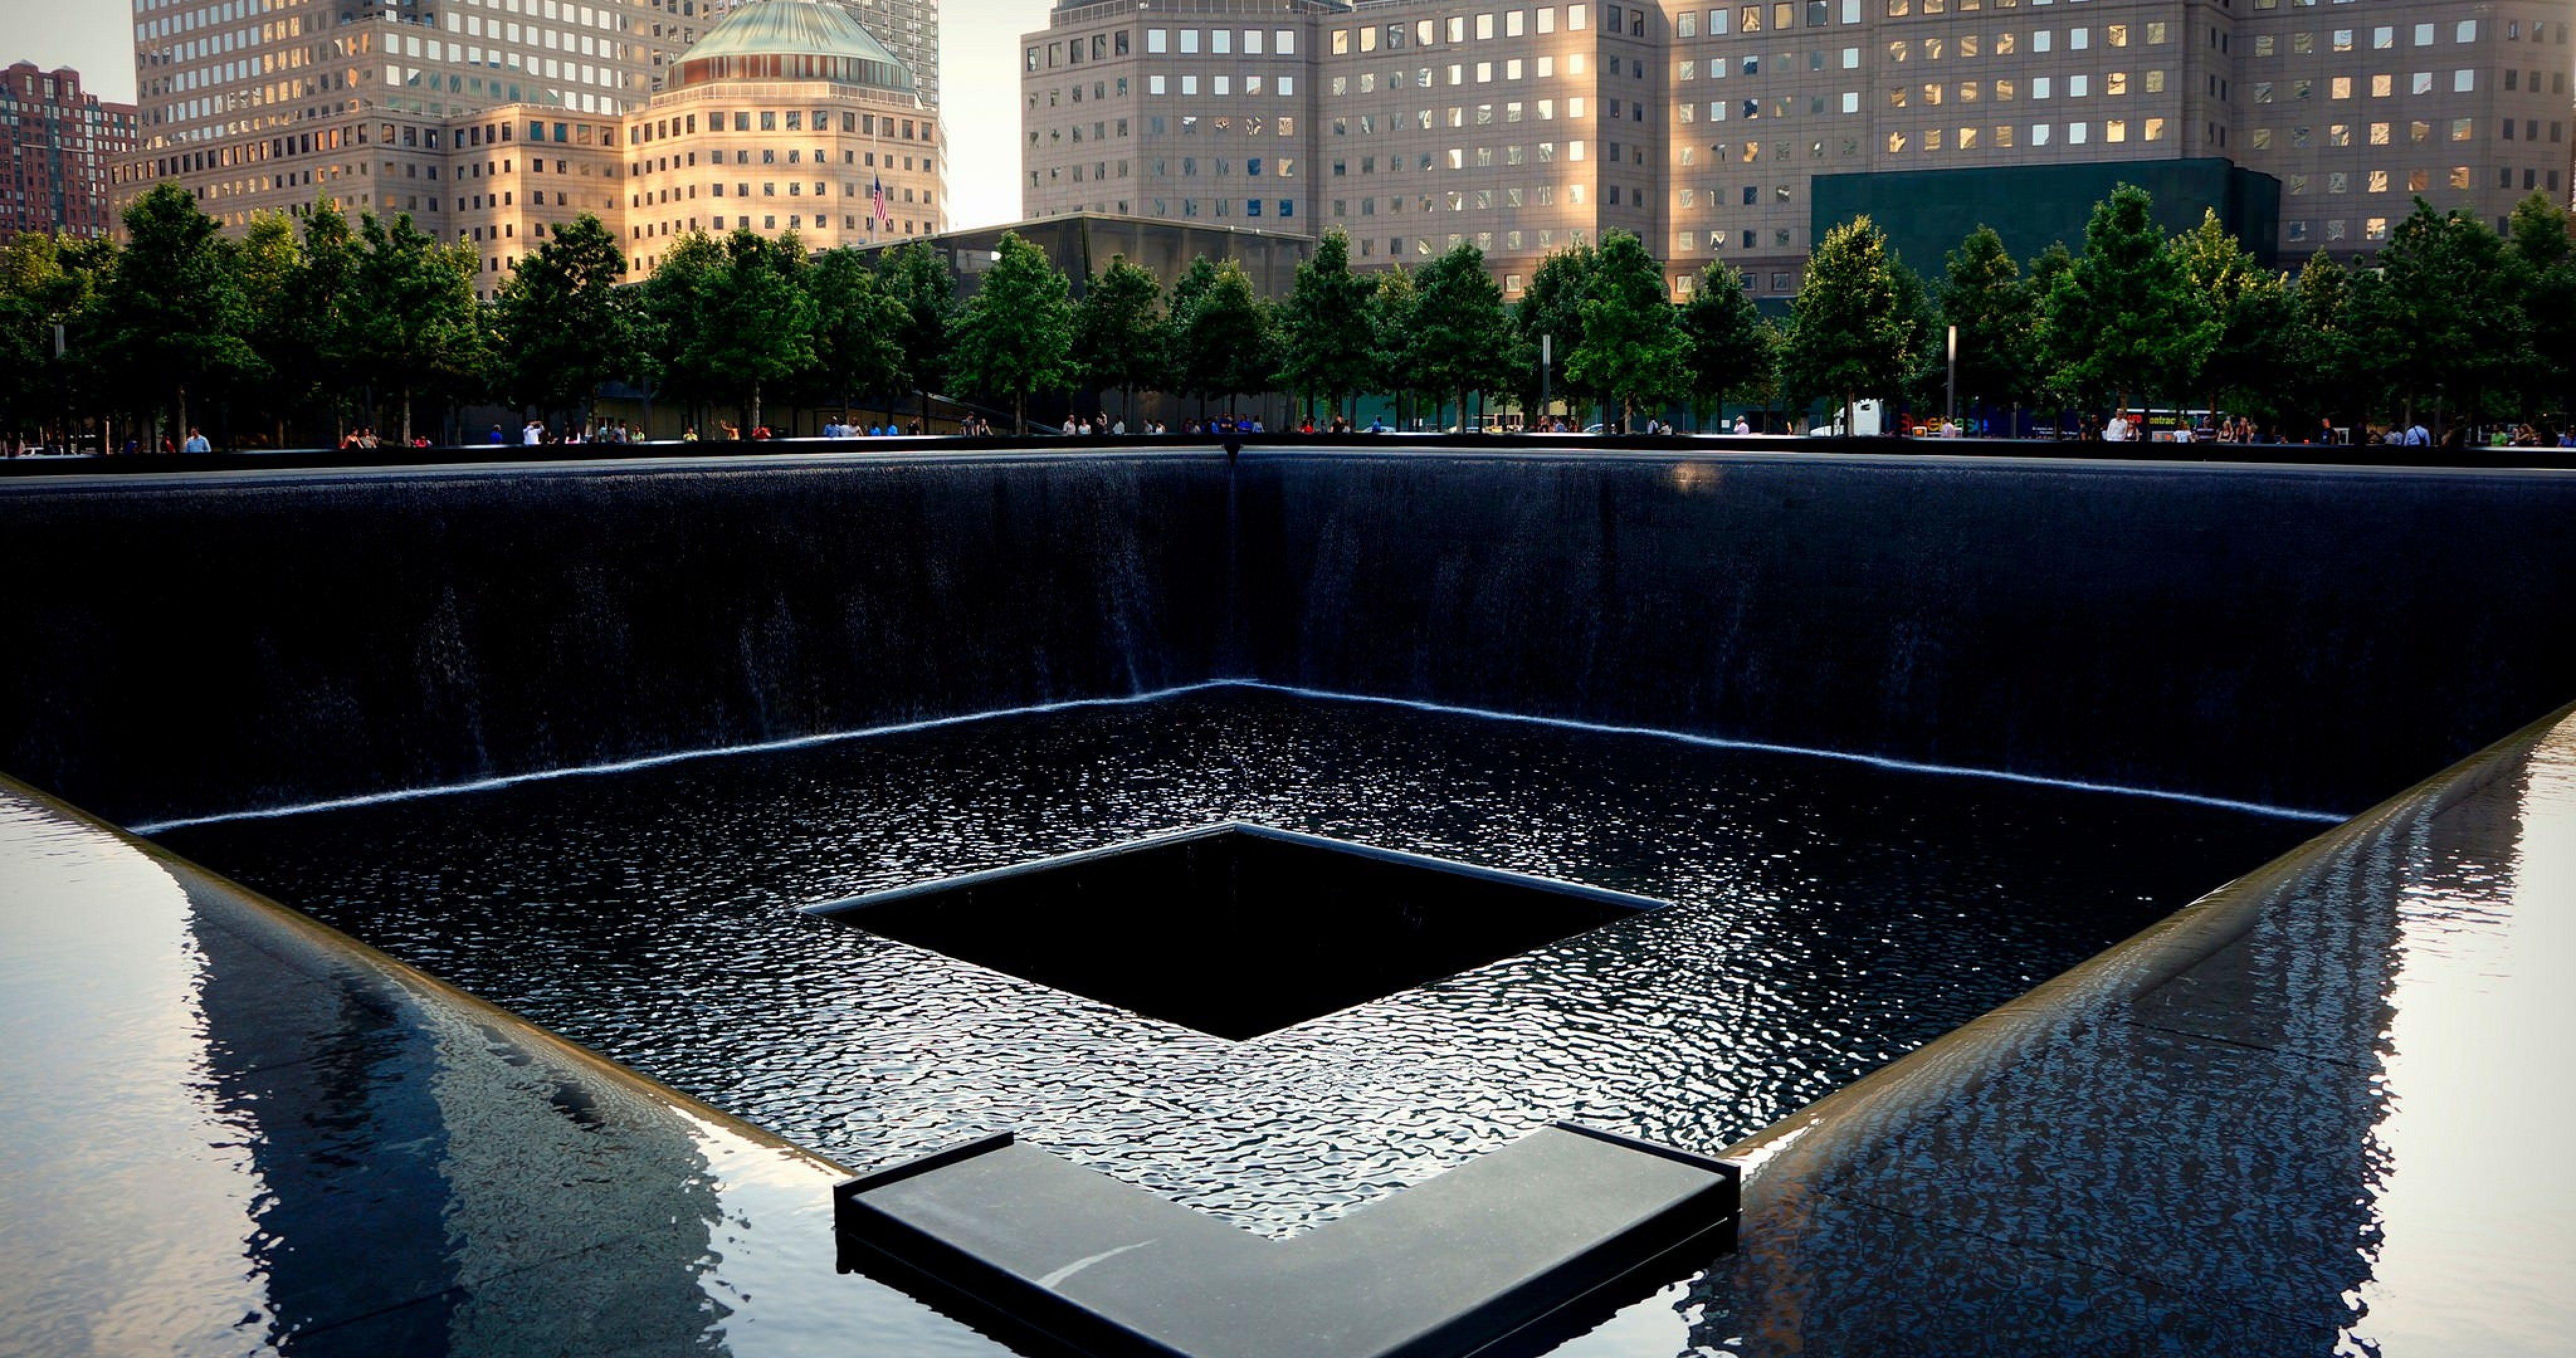 National September 11 Memorial 4k Ultra Hd Wallpaper Hd Wallpaper September 11 Memorial Wallpaper